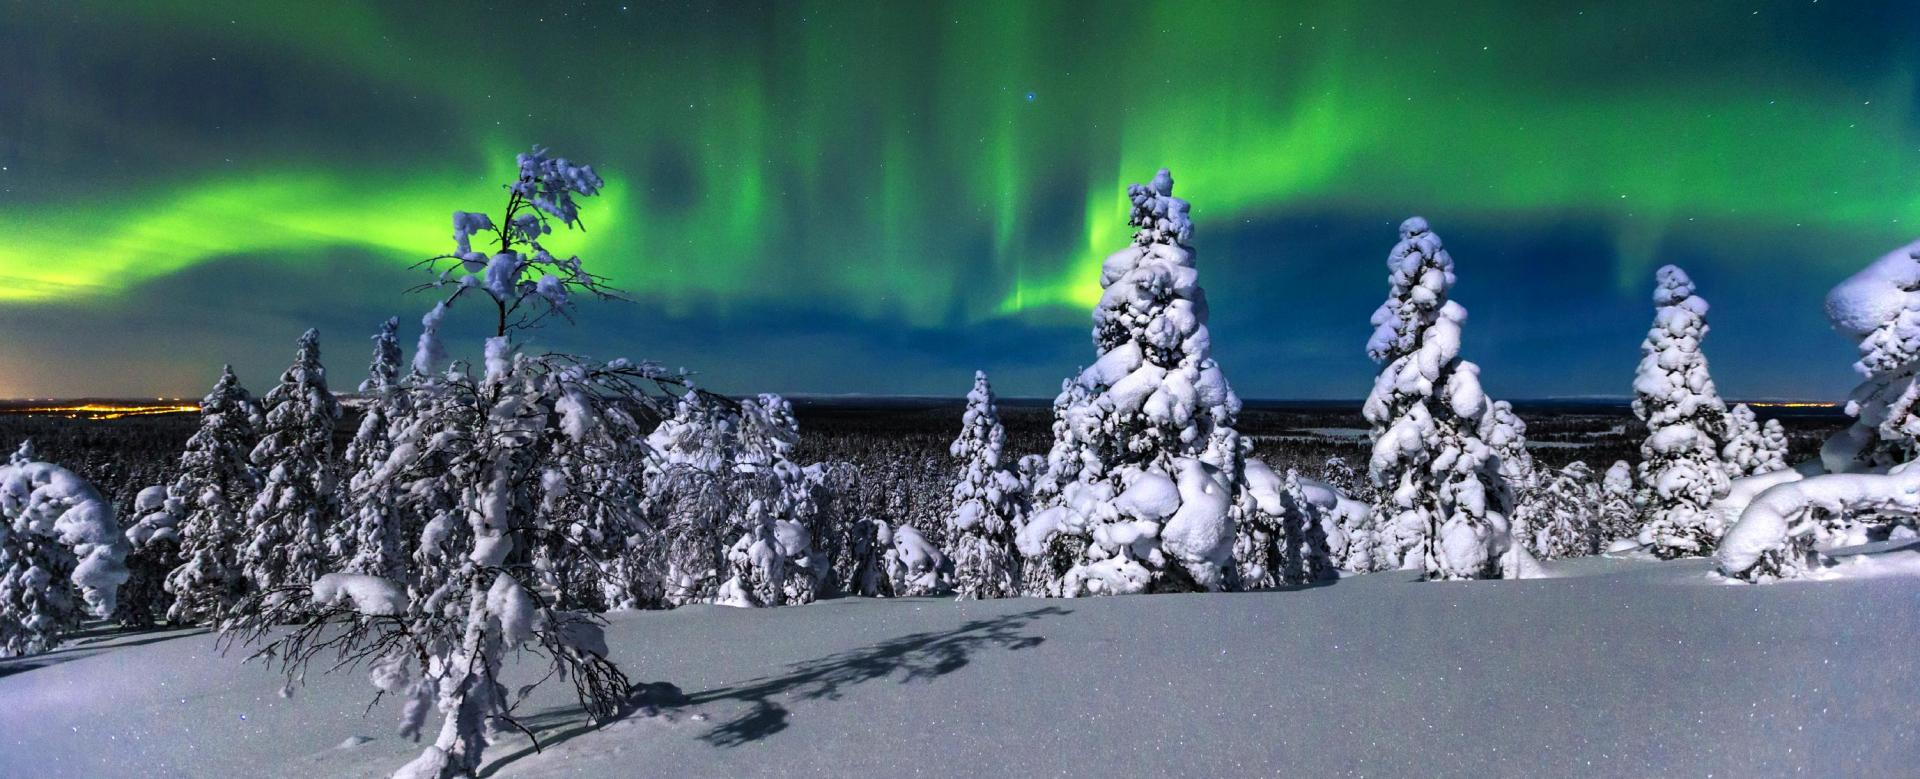 Voyage à la neige Finlande : Echappée blanche